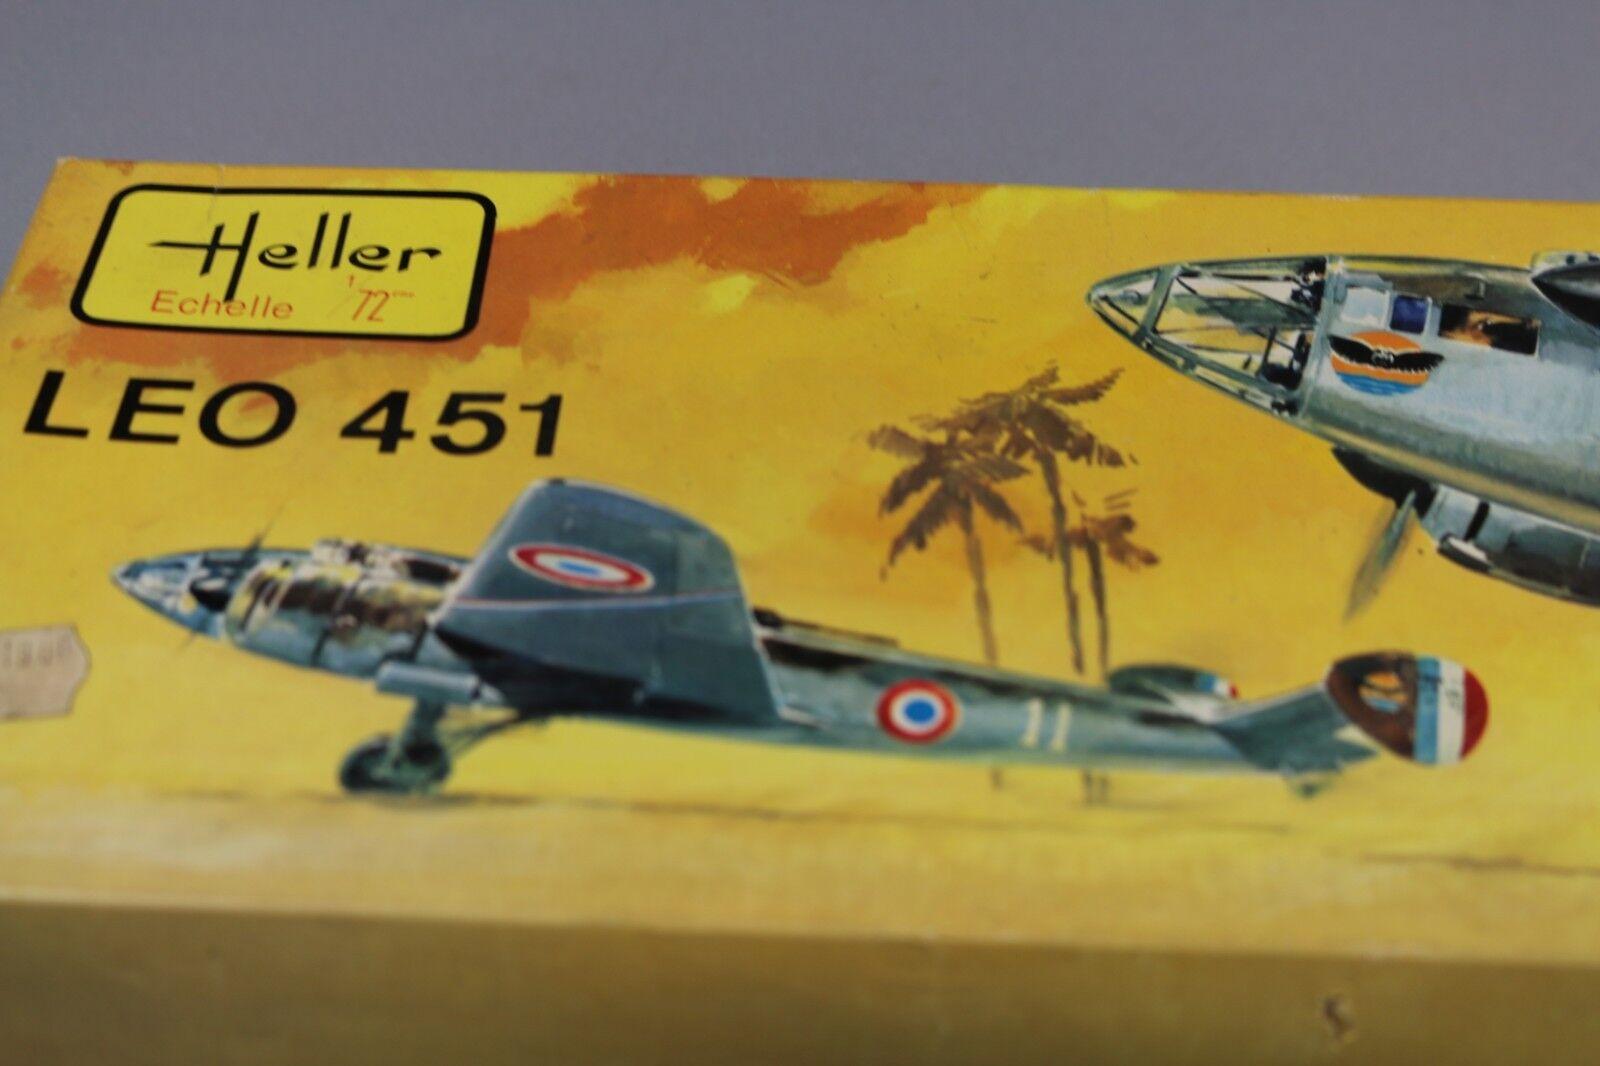 ZF561 Heller 1 72 maquette avion  L 389 LEO 451 ancien boitage 1974